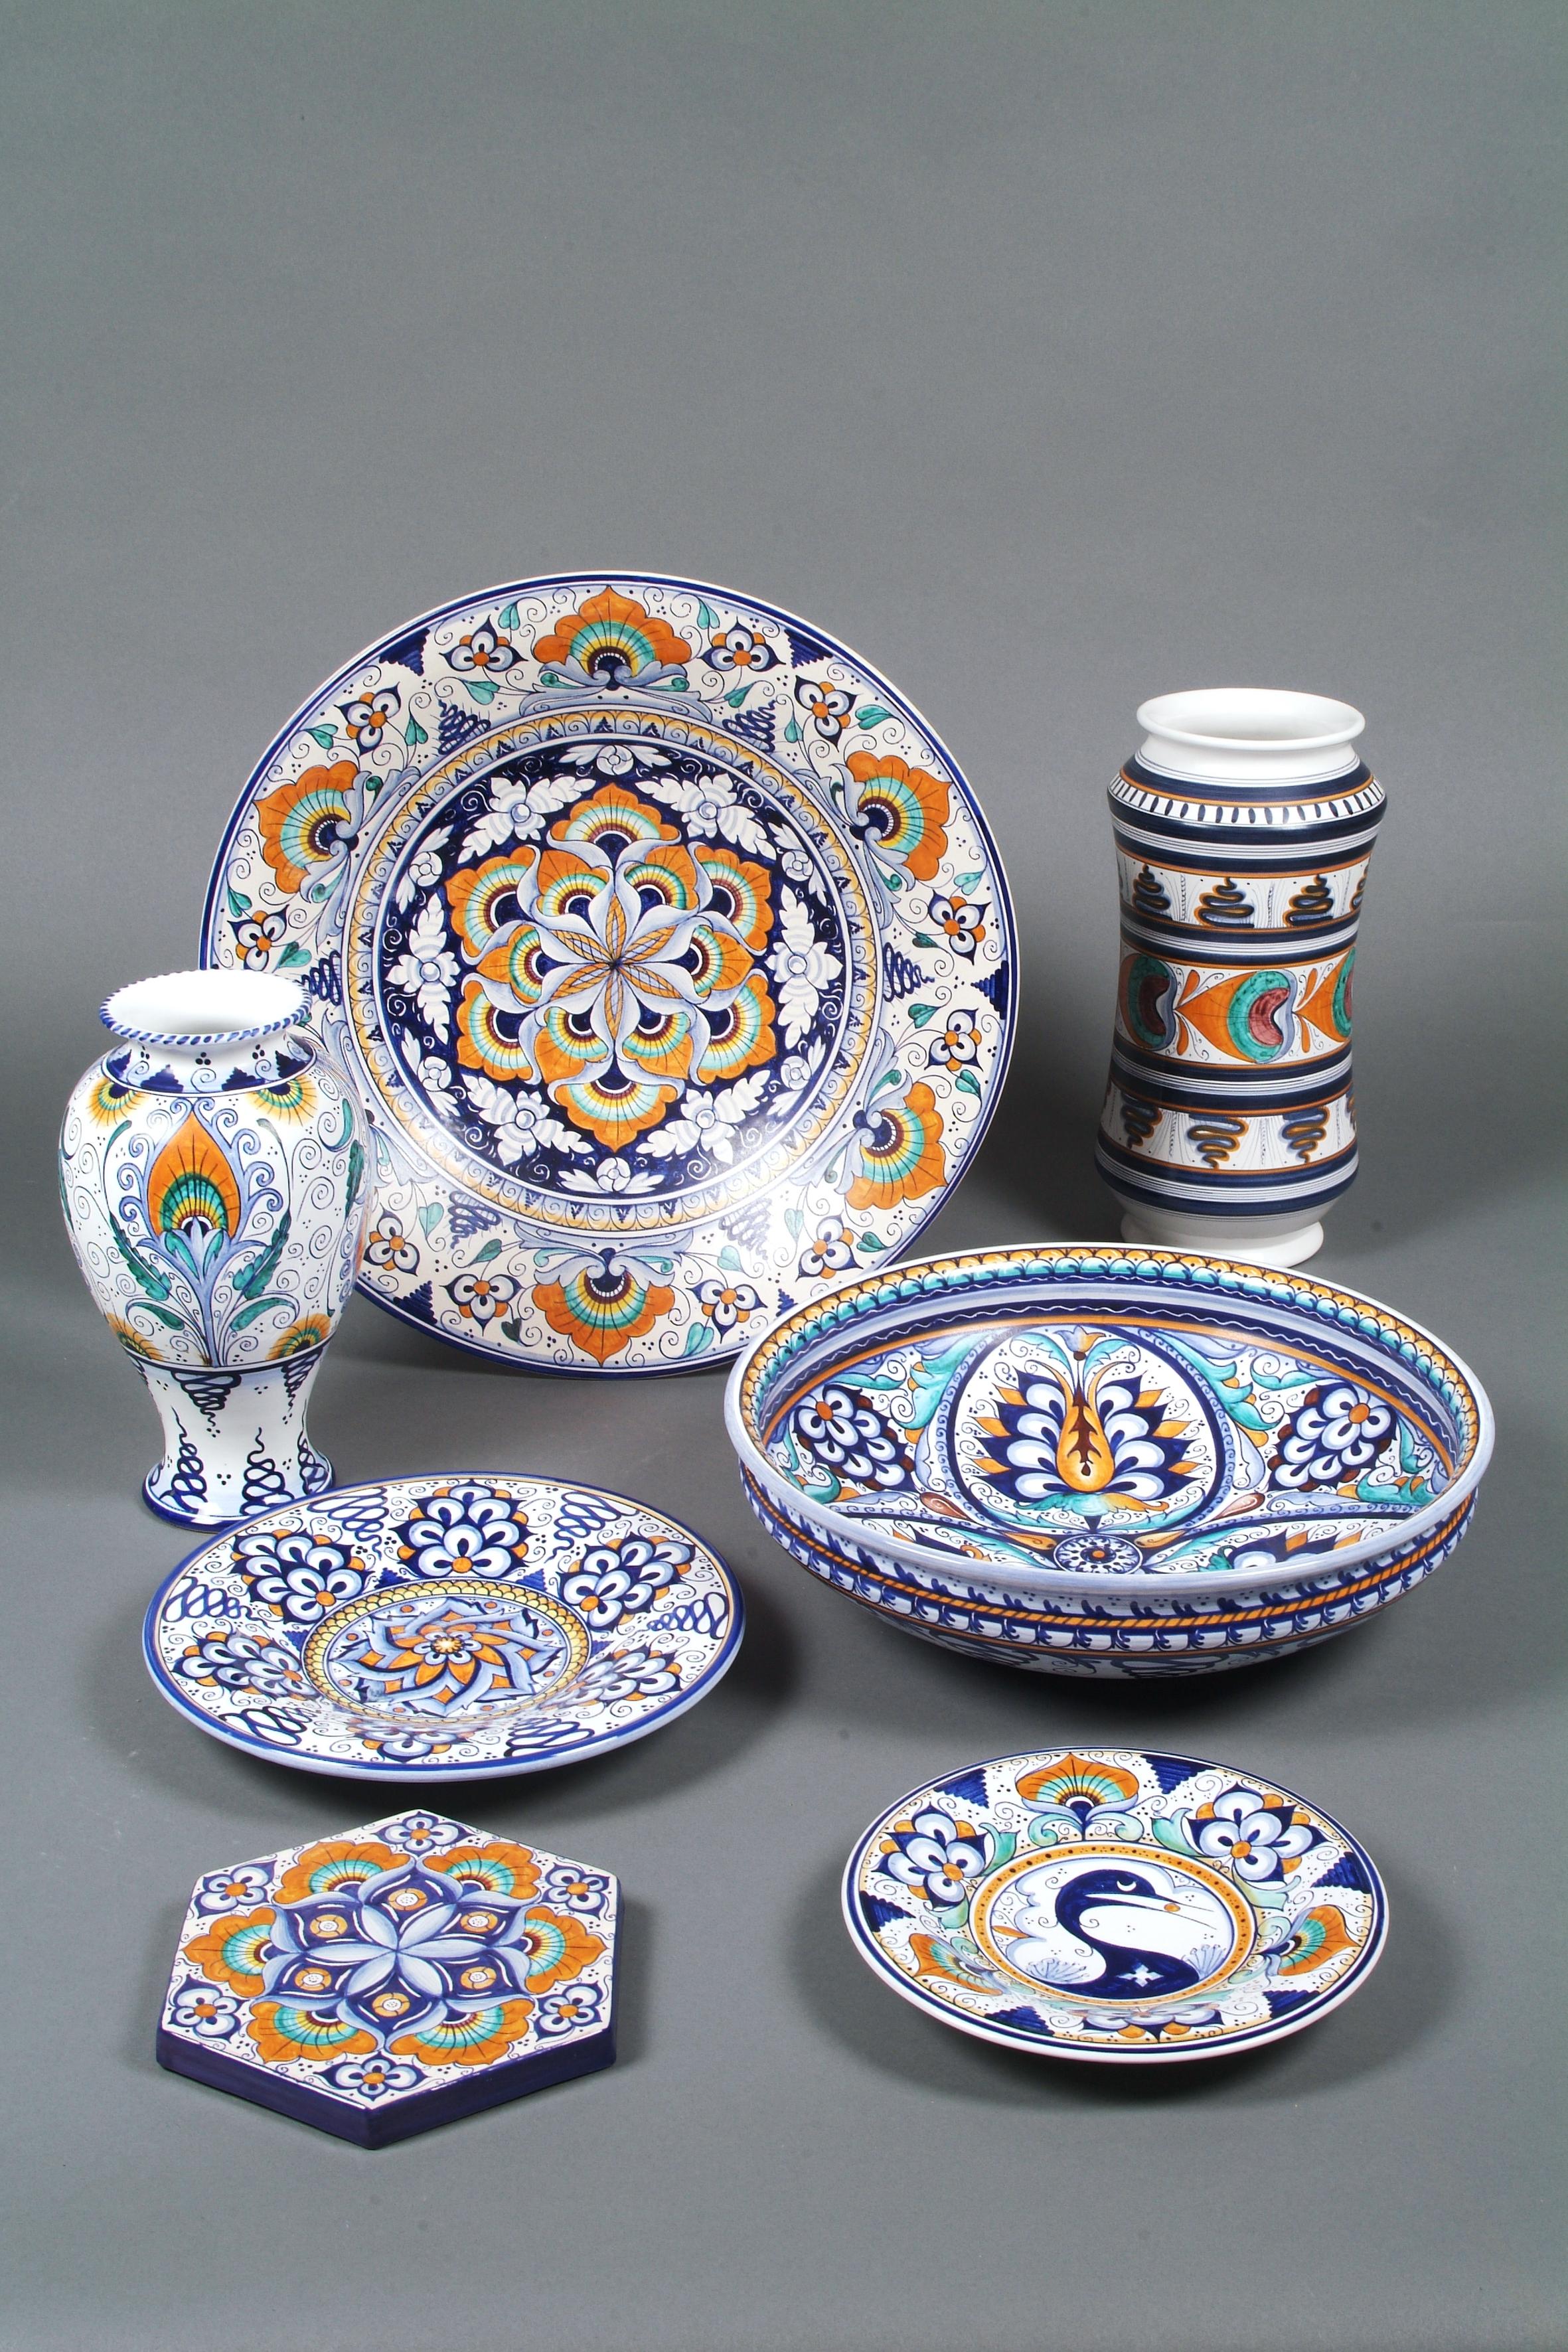 Alla scoperta di Faenza, la città delle ceramiche